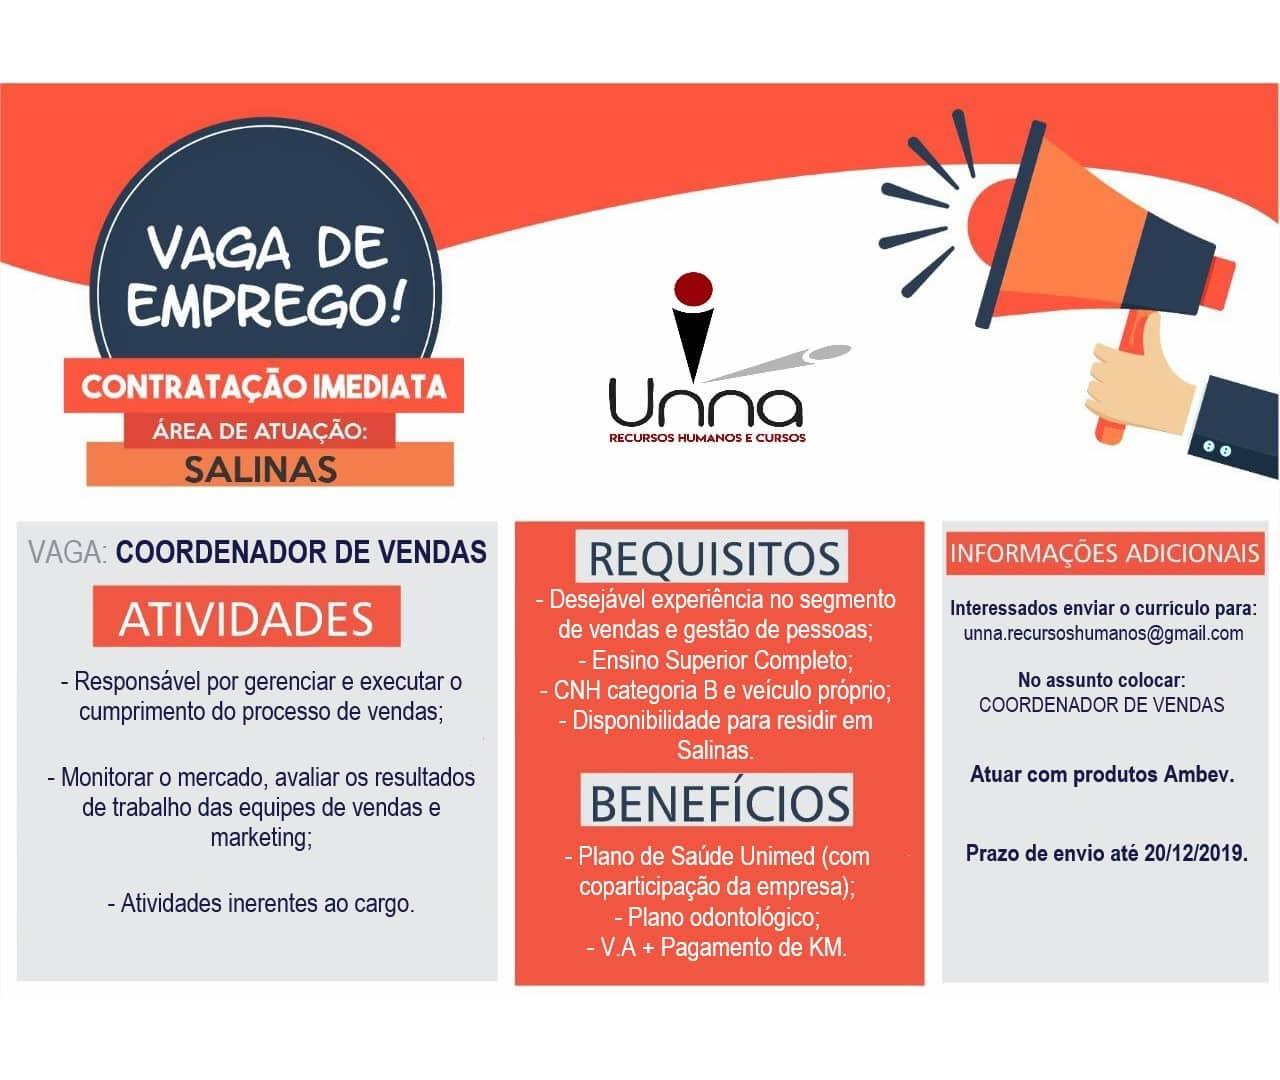 Norte de Minas - Vaga de emprego